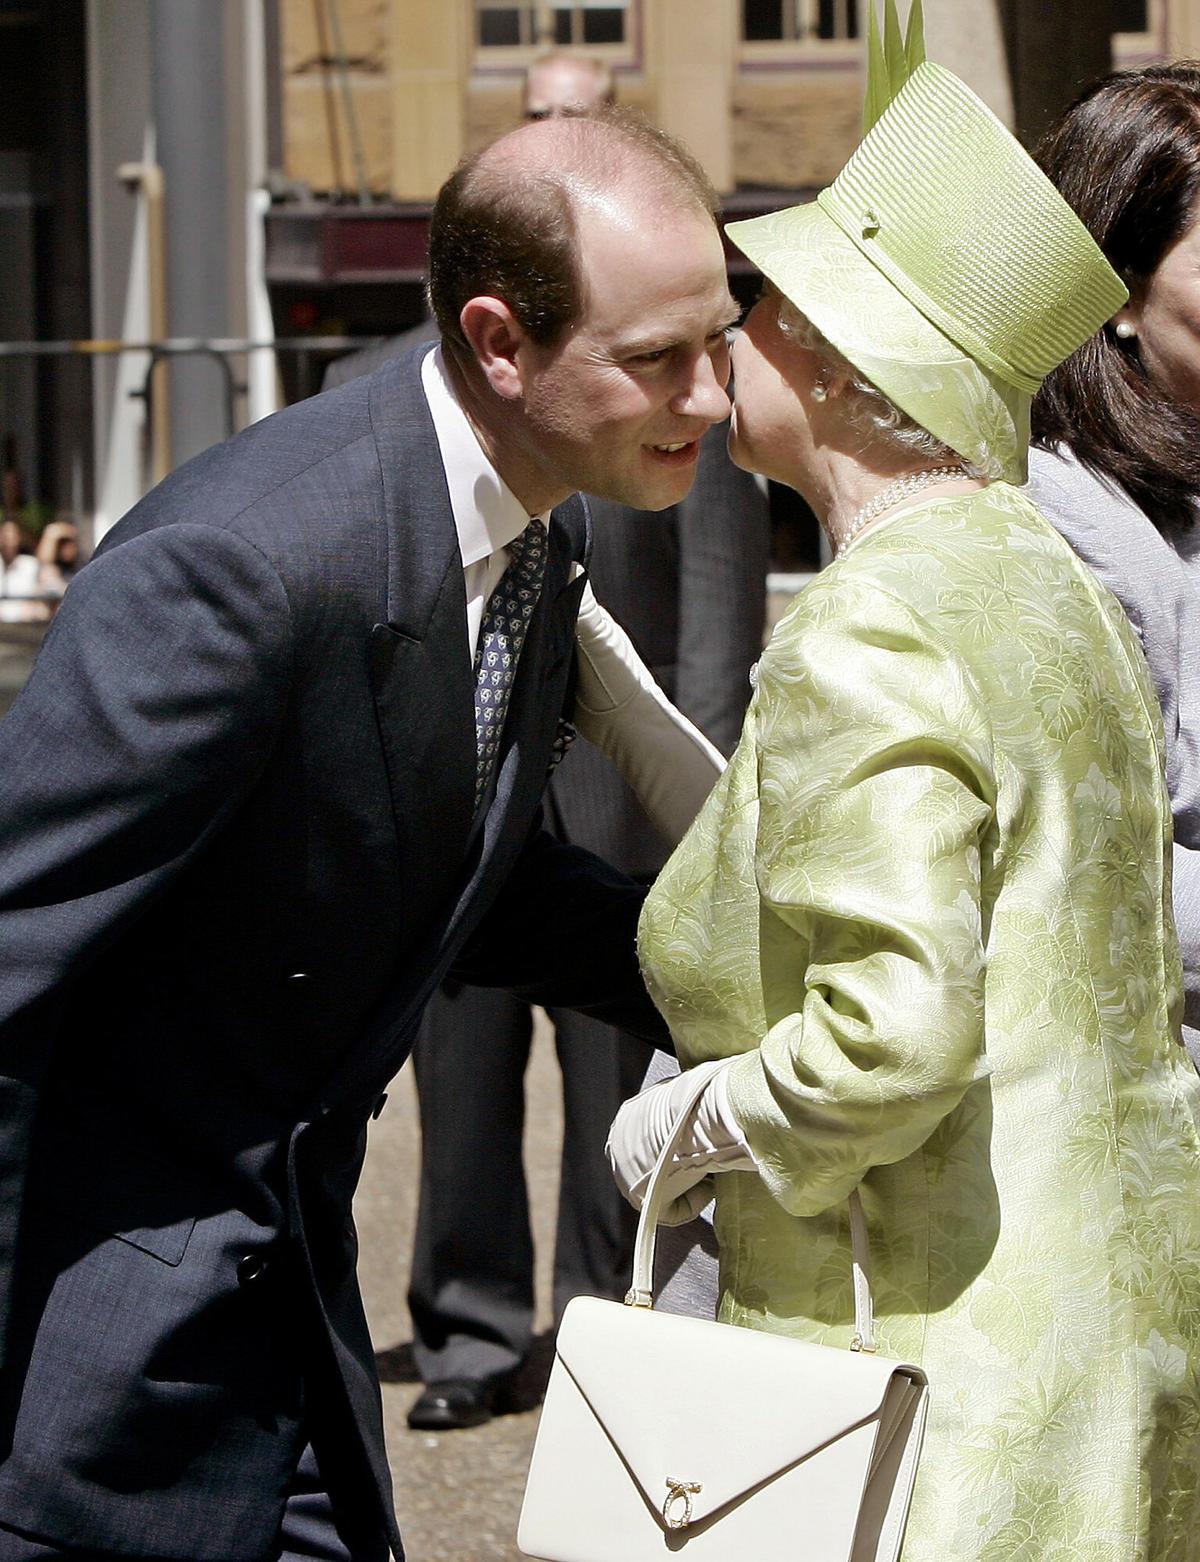 Jakie relacje łączą królową Elżbietę II z jej dziećmi?